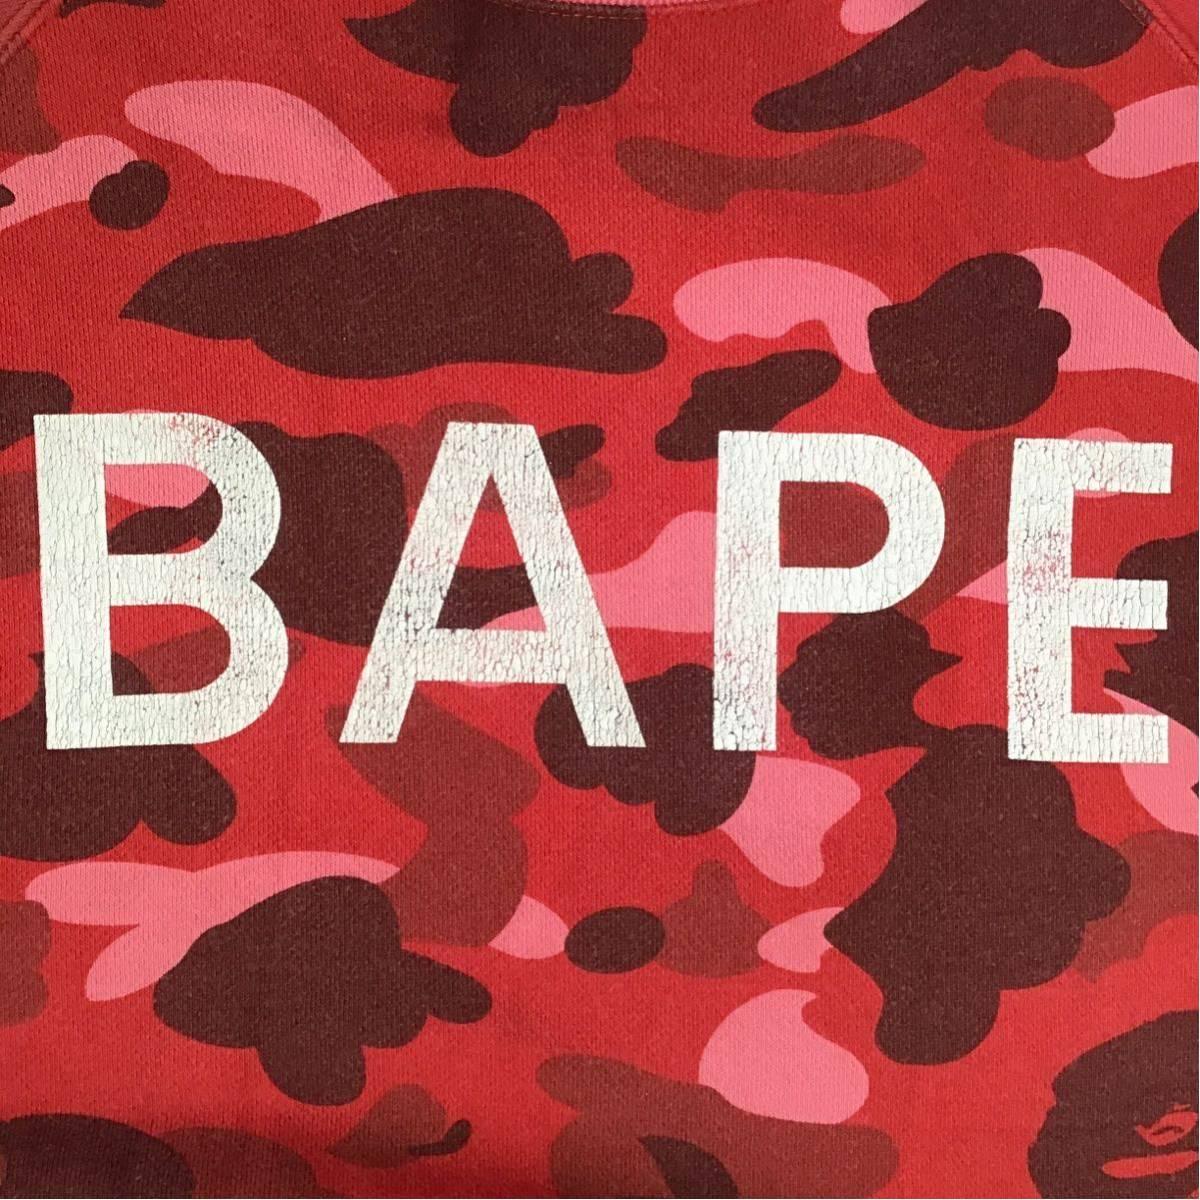 pharrell camo crazy 長袖 スウェット Sサイズ a bathing ape bape sweat エイプ ベイプ アベイシングエイプ クレイジー red camo 迷彩 909